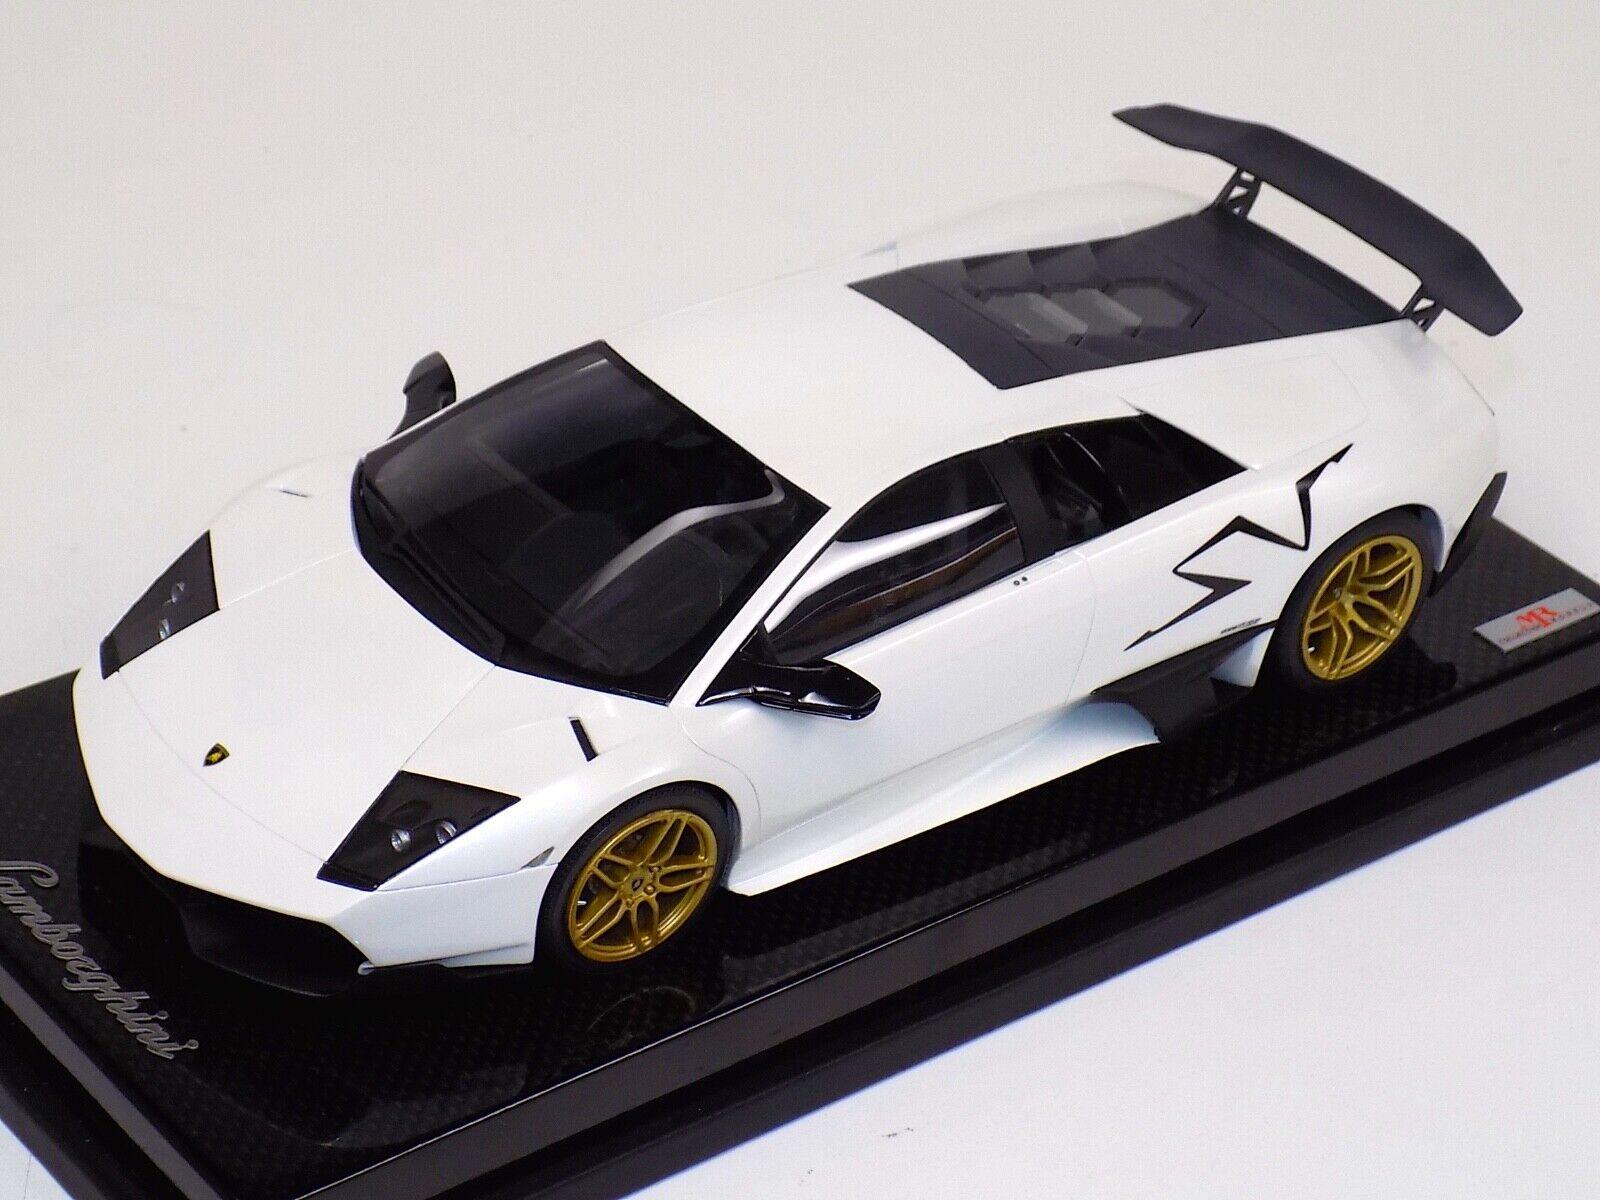 Con precio barato para obtener la mejor marca. 1 18 18 18 Lamborghini Aventador Negro Sportverein alcanzado el señor de oro blancoo ruedas base de fibra de Cochebono  marca de lujo